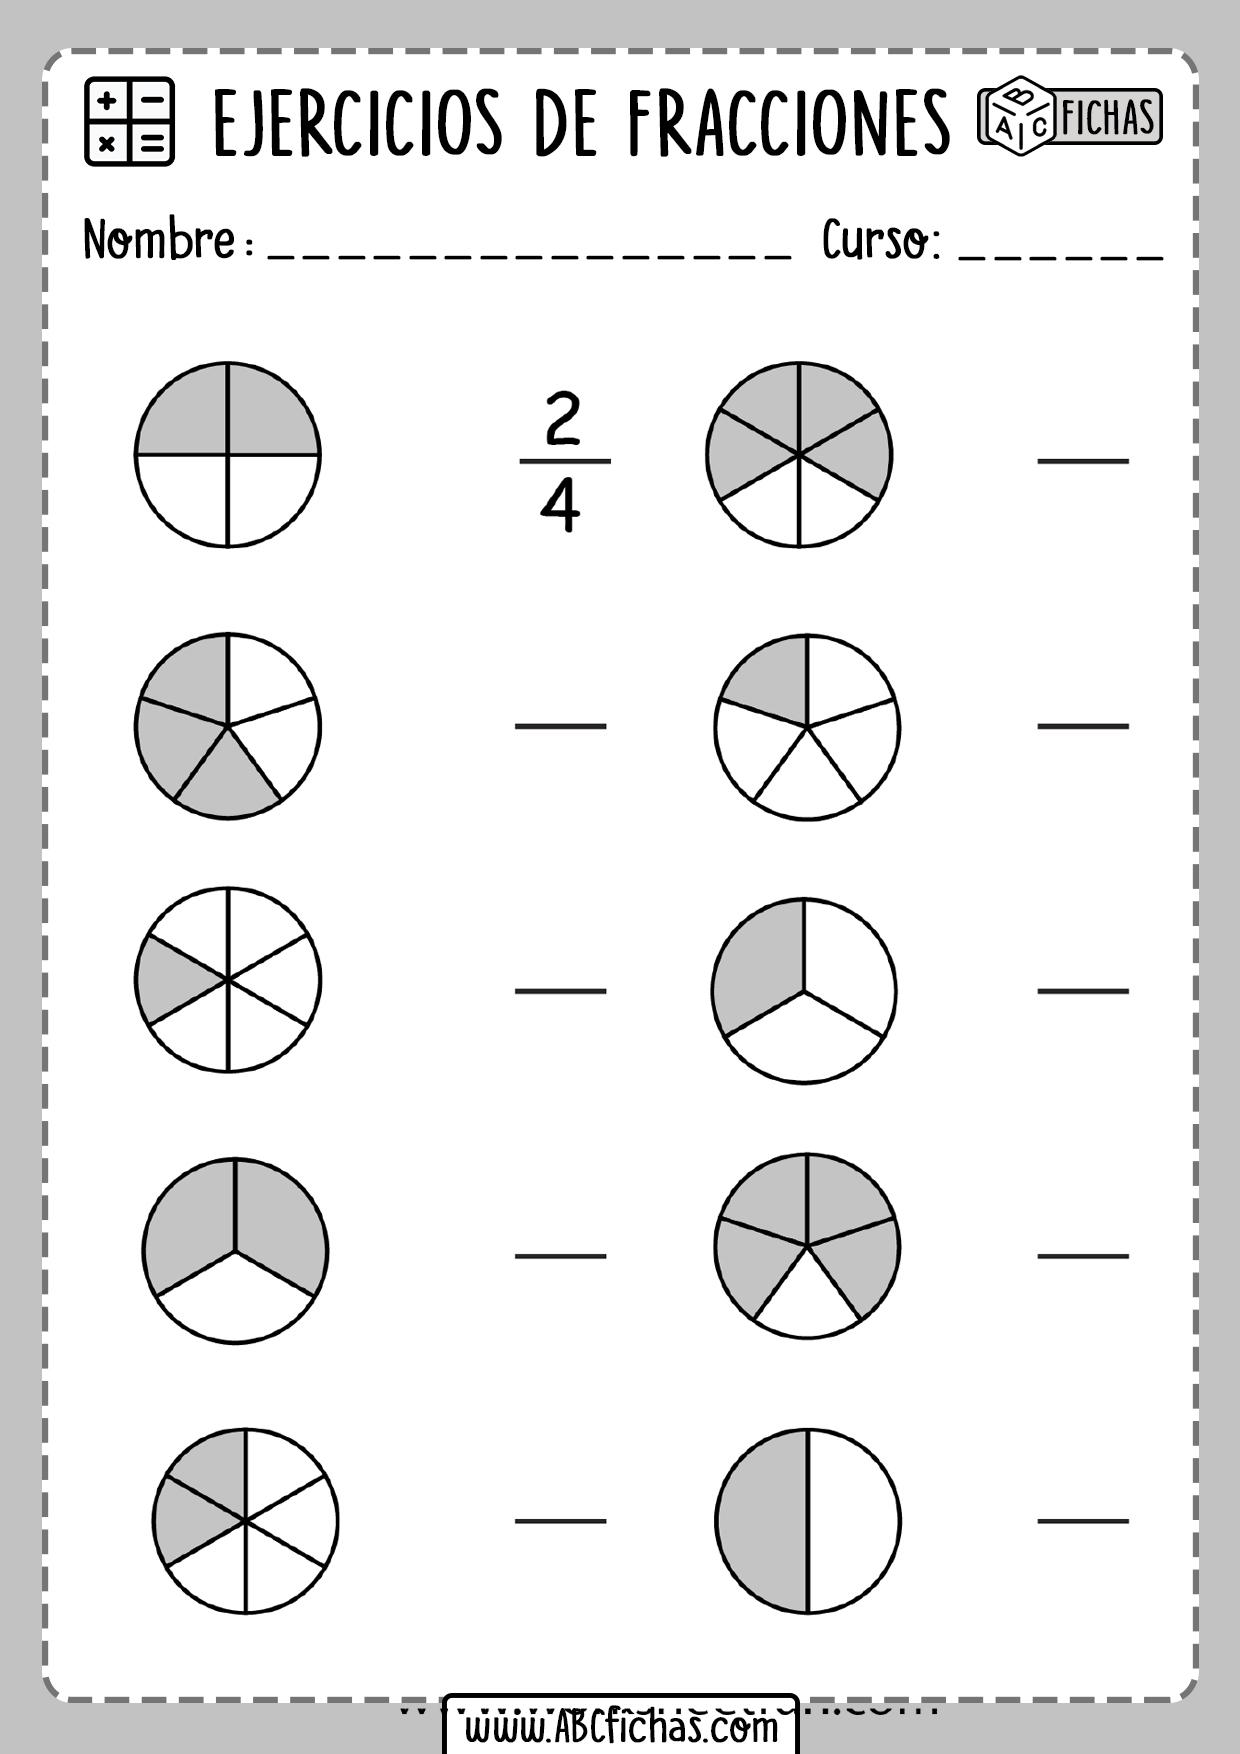 Ejercicios de fracciones para primaria